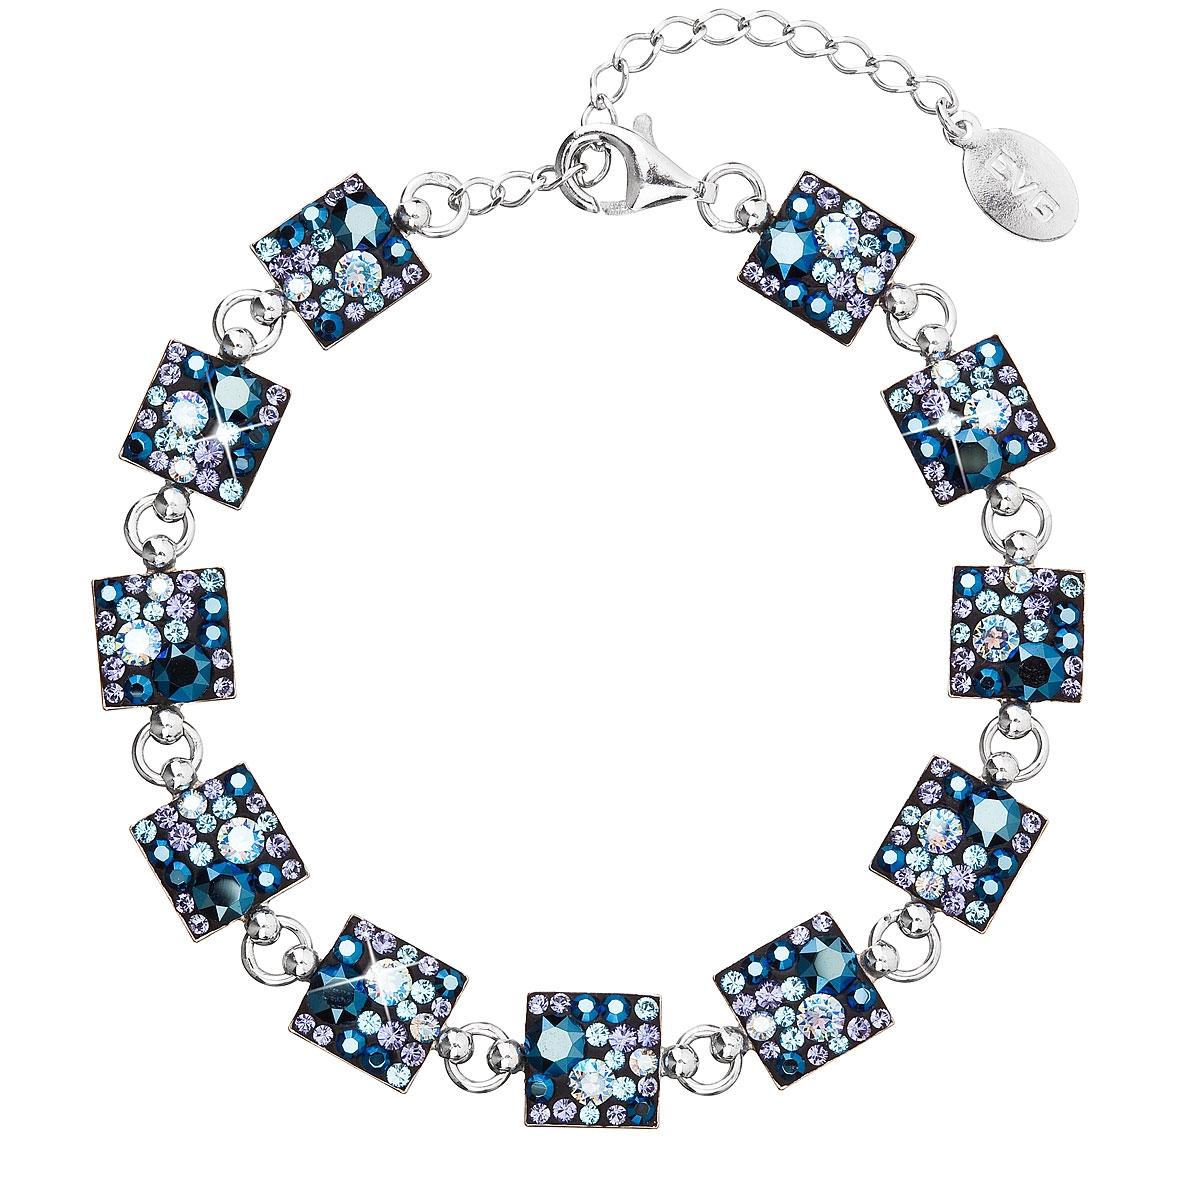 Strieborný náramok s kryštálmi Crystals from Swarovski ® Blue Style